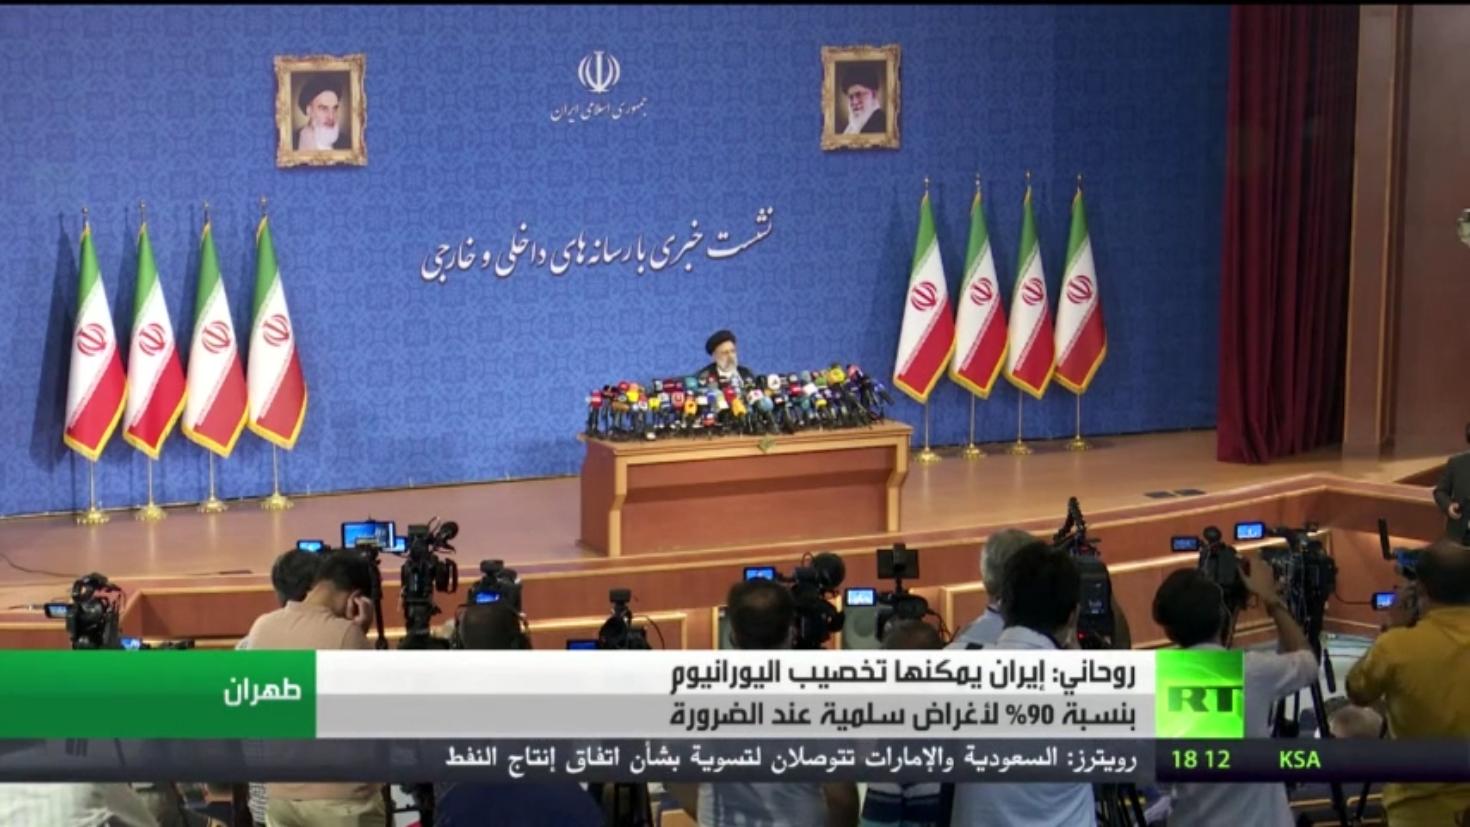 روحاني: إيران قادرة على تخصيب اليورانيوم 90%